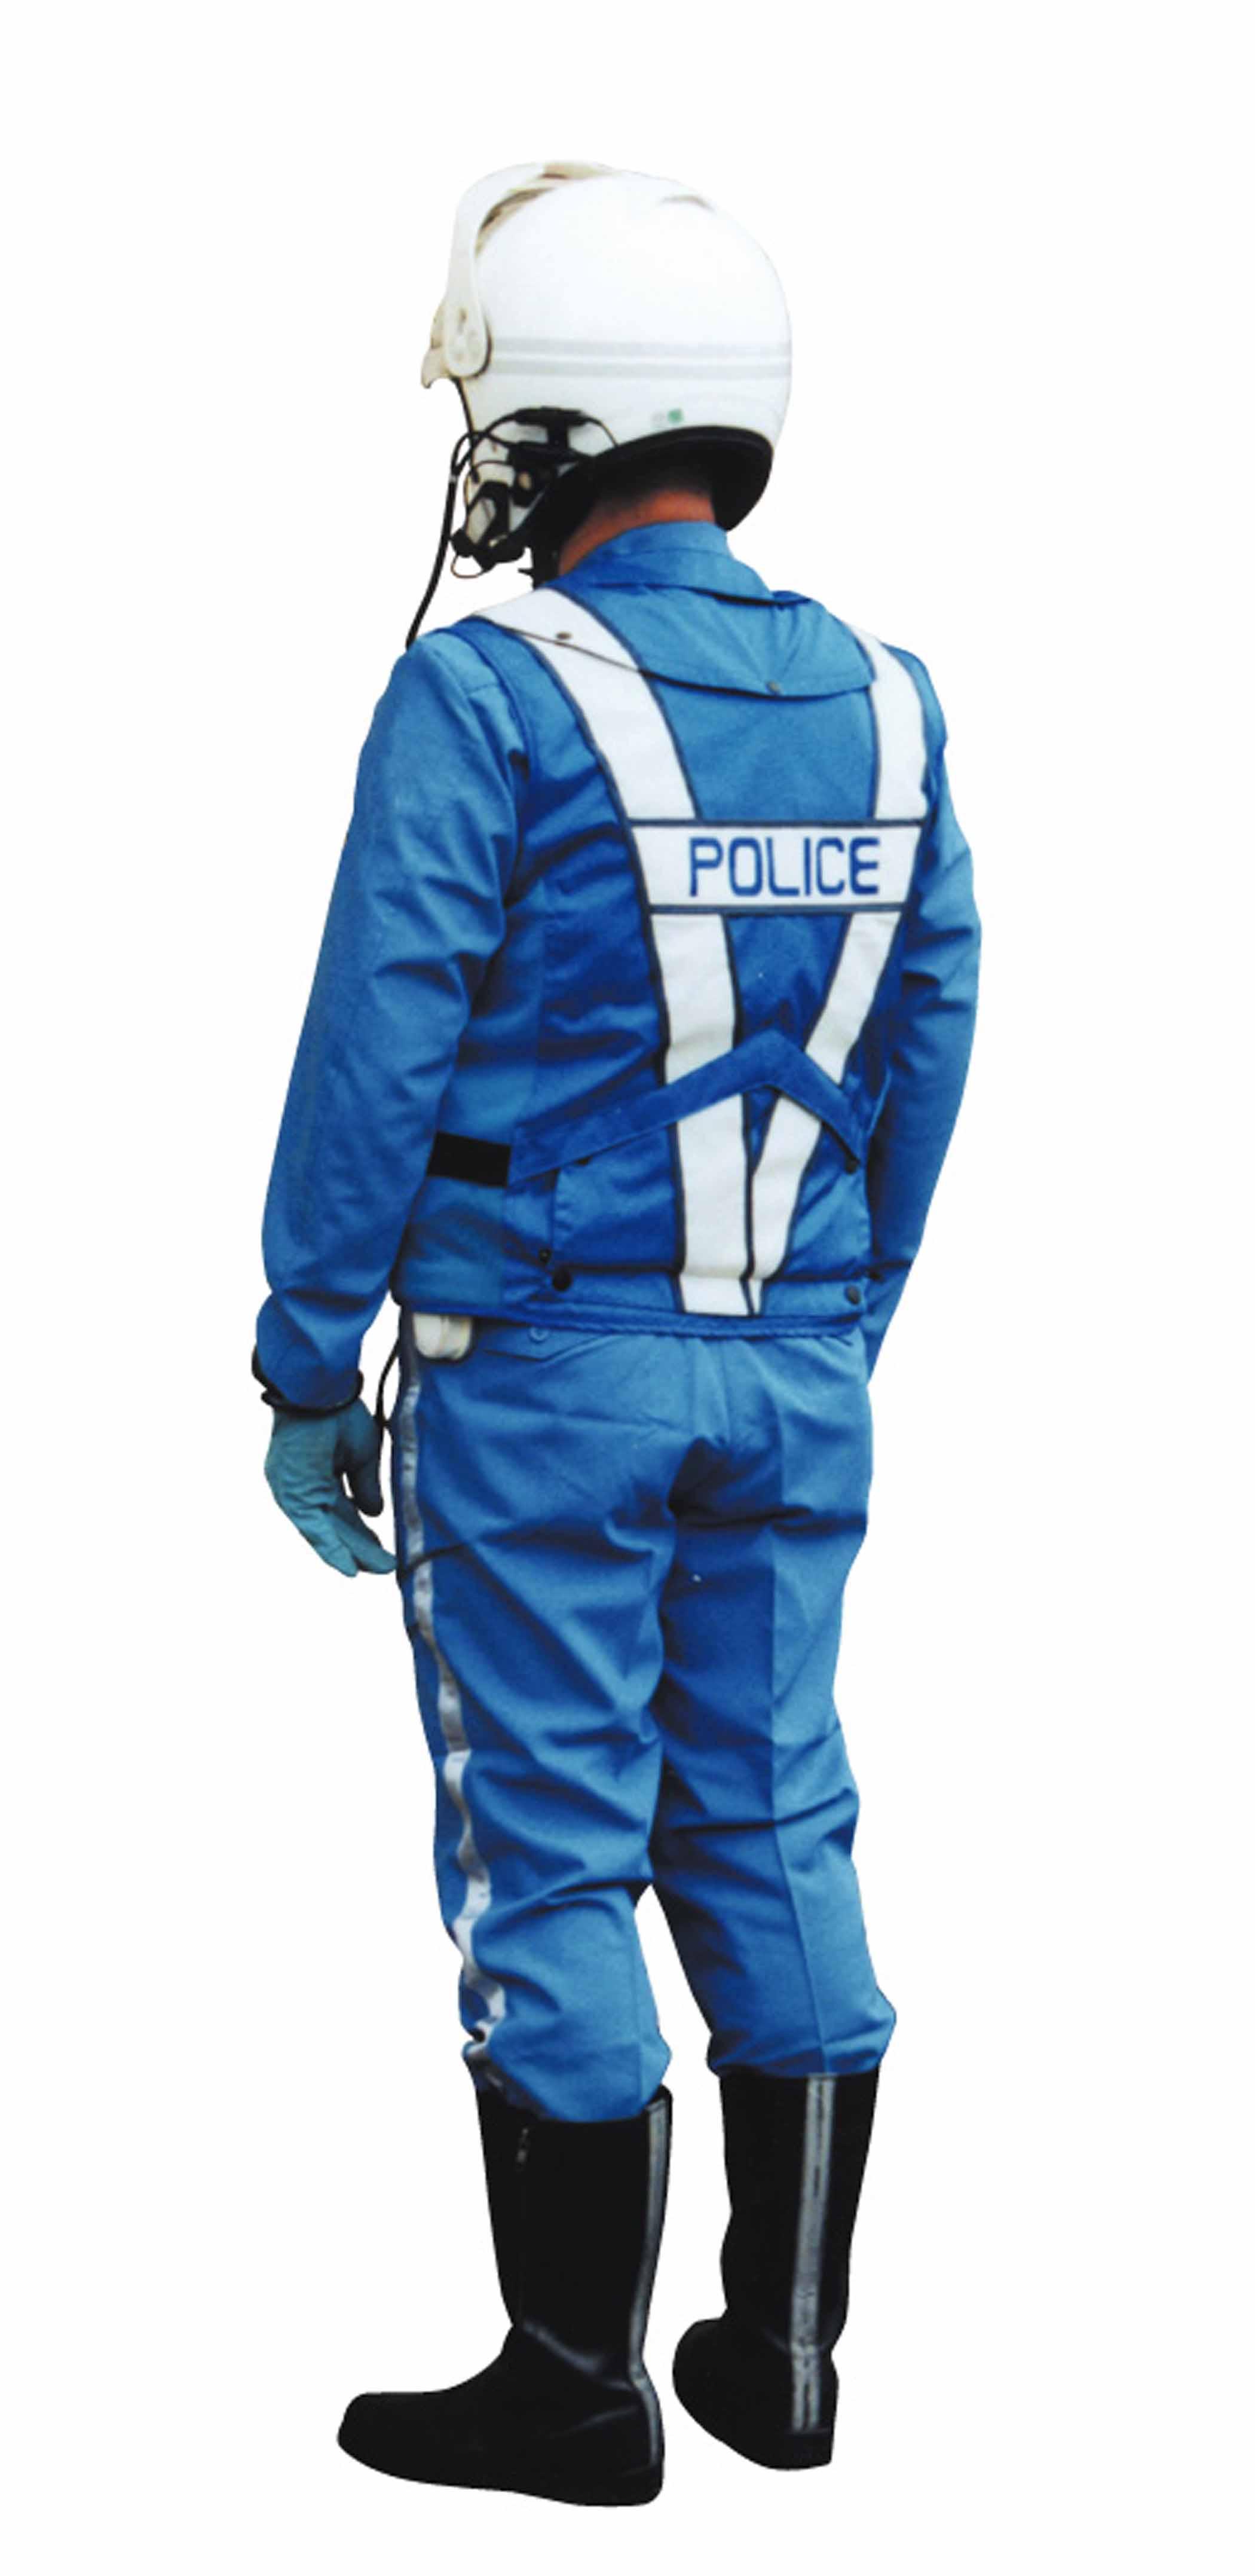 POLICE_N